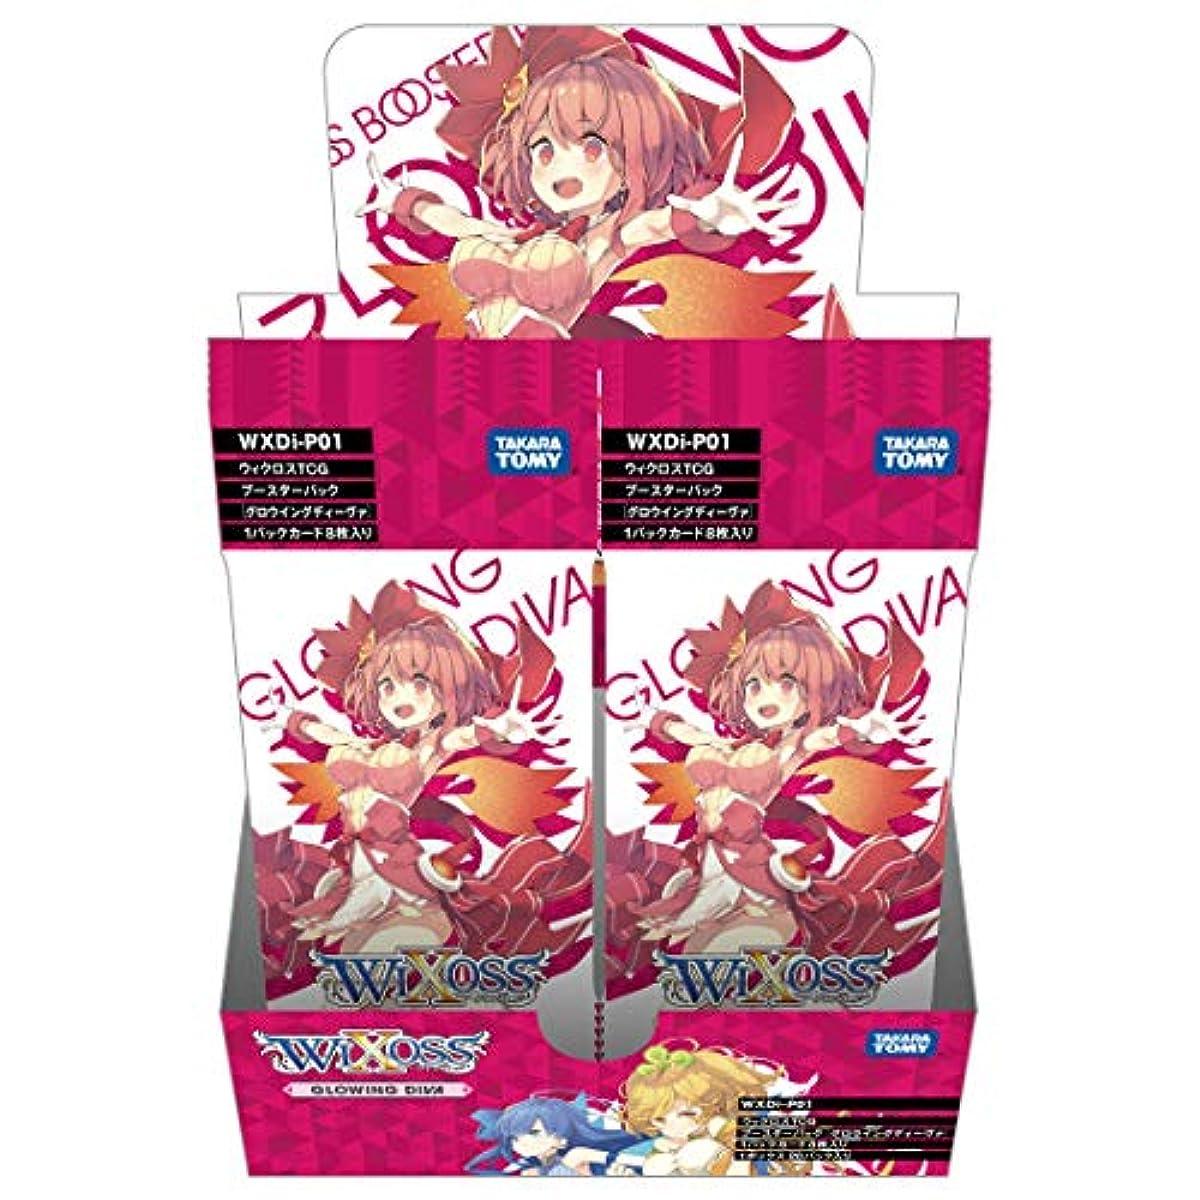 [해외] 타카라토미 우쿠로스(ROSS) WXDI-P01 TCG 부스터 팩 GLOWING DIVA BOX